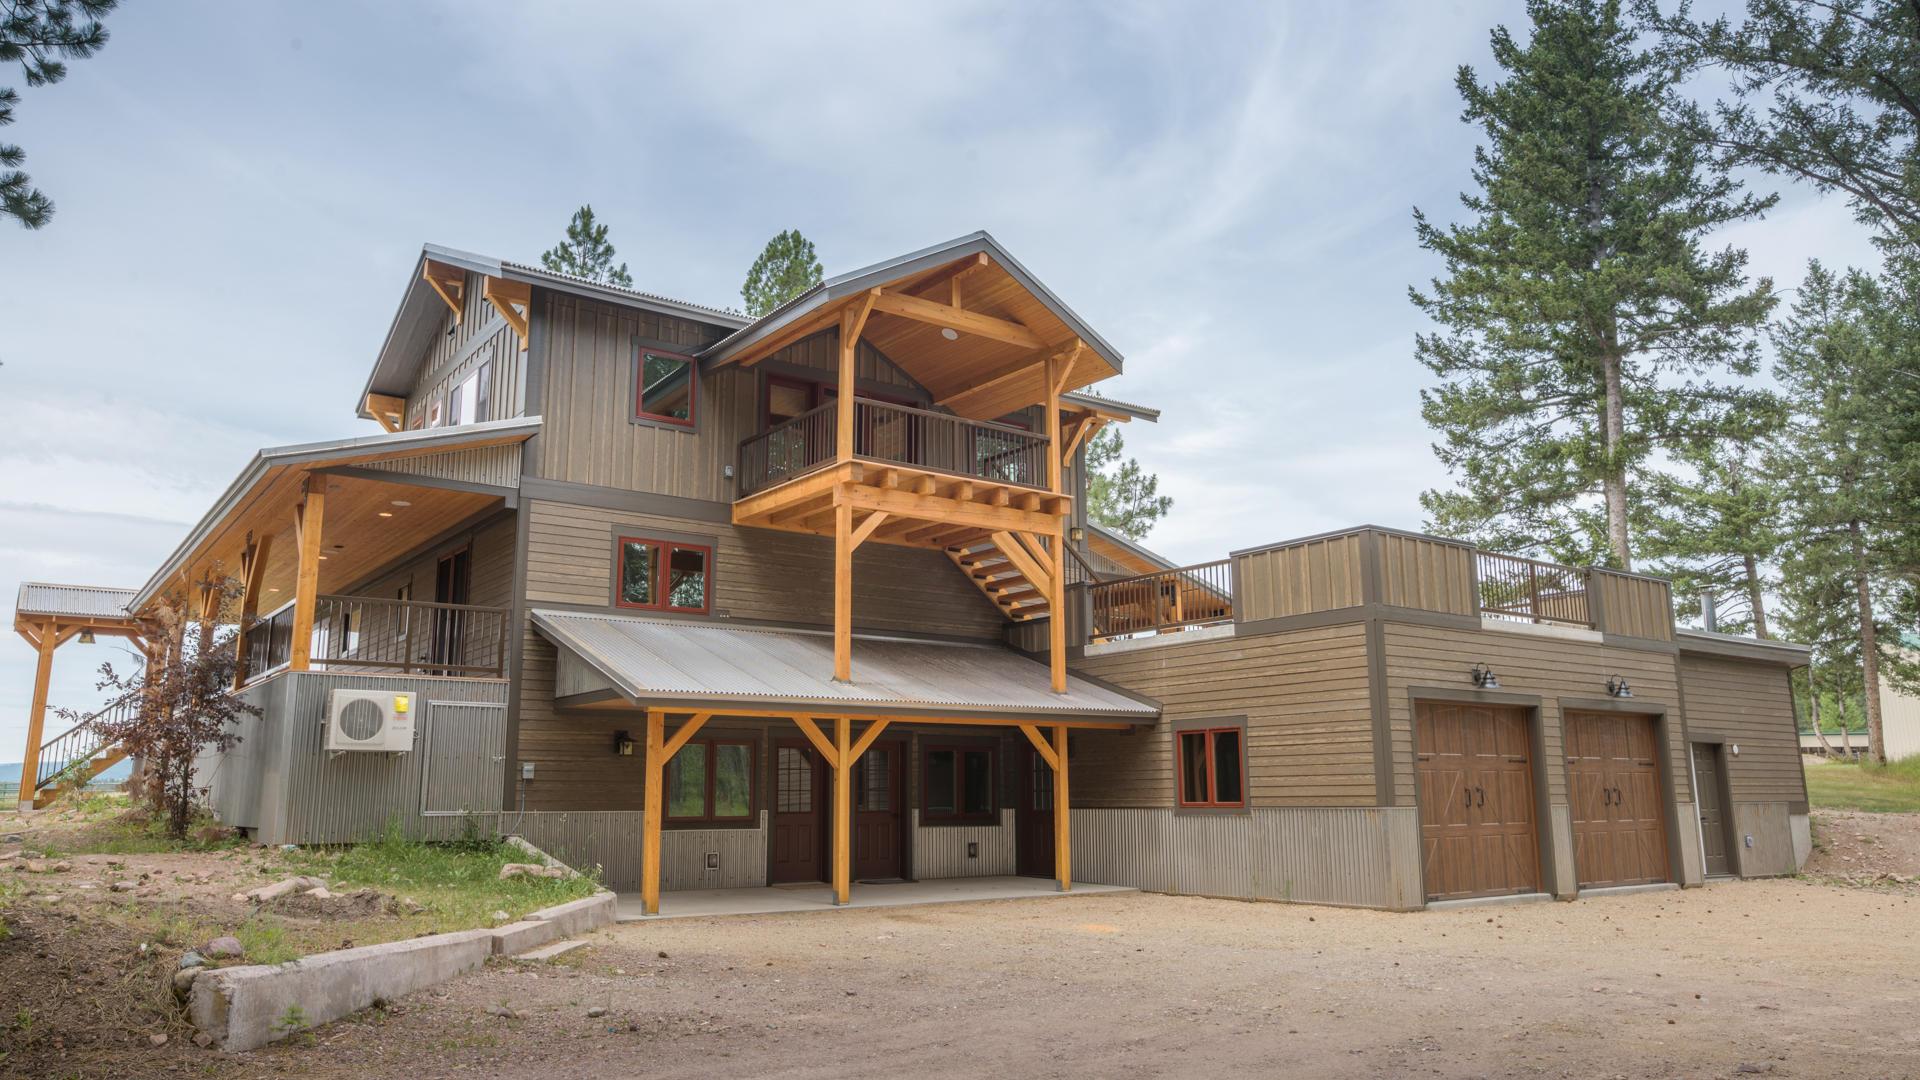 Exterior Main Ranch Home